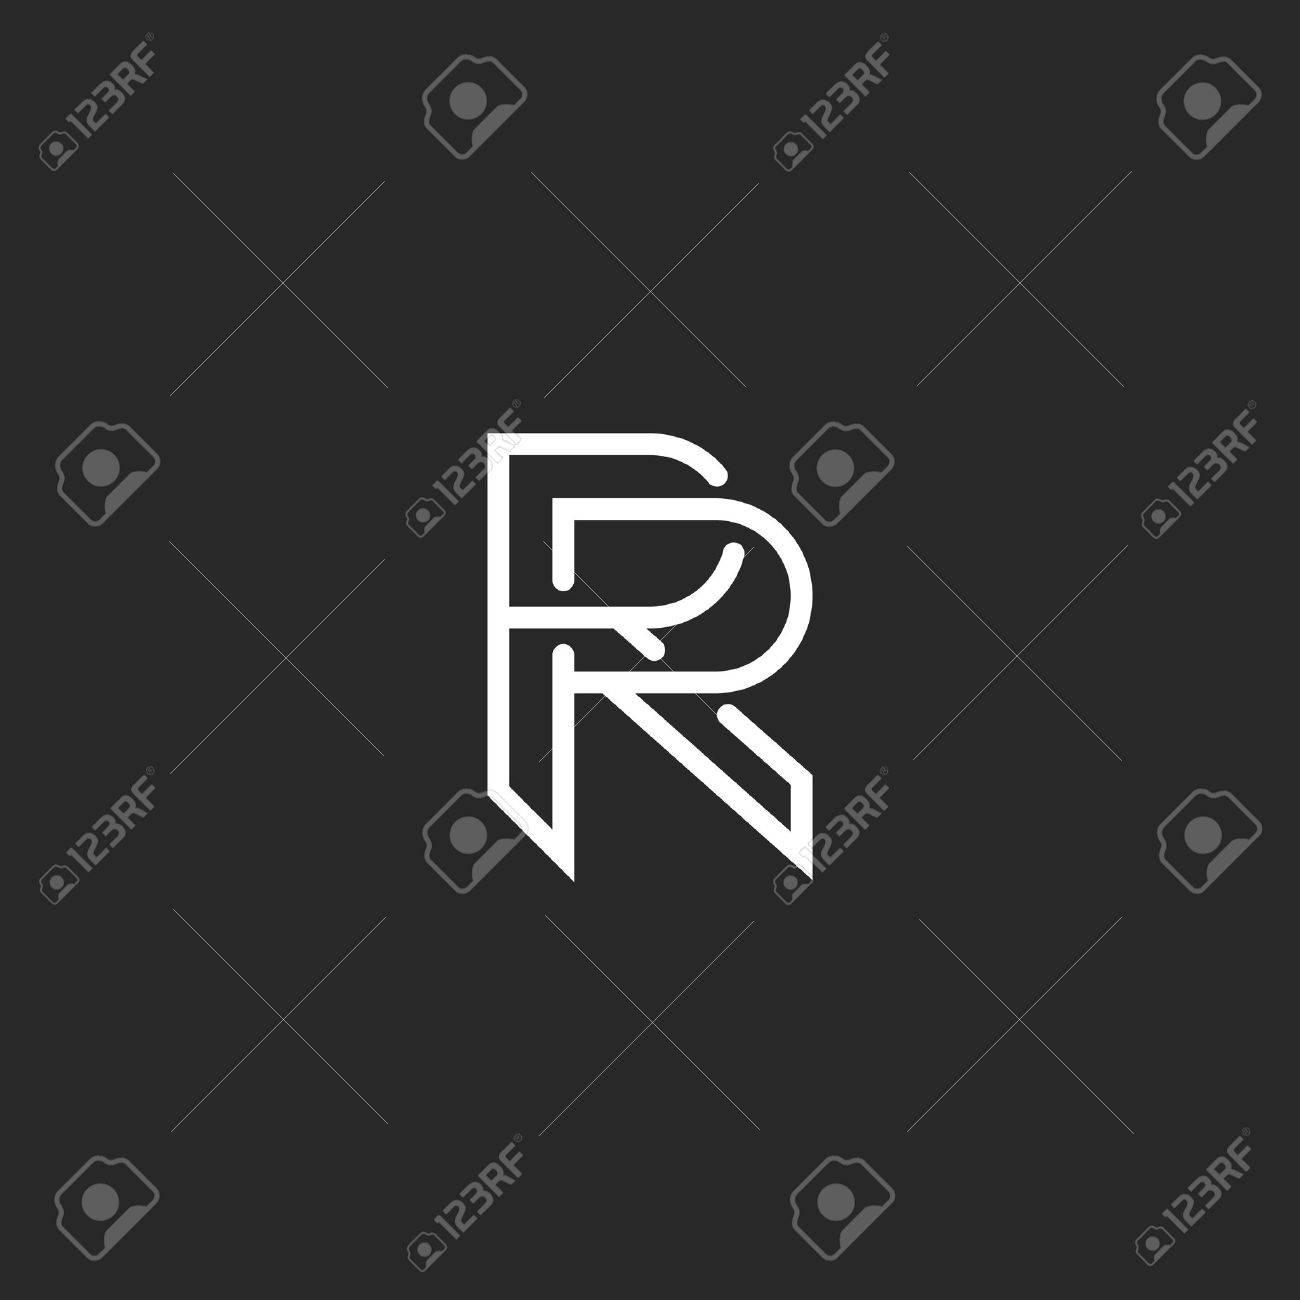 Letra R Logotipo Del Monograma, Inconformista Maqueta Elemento De ...